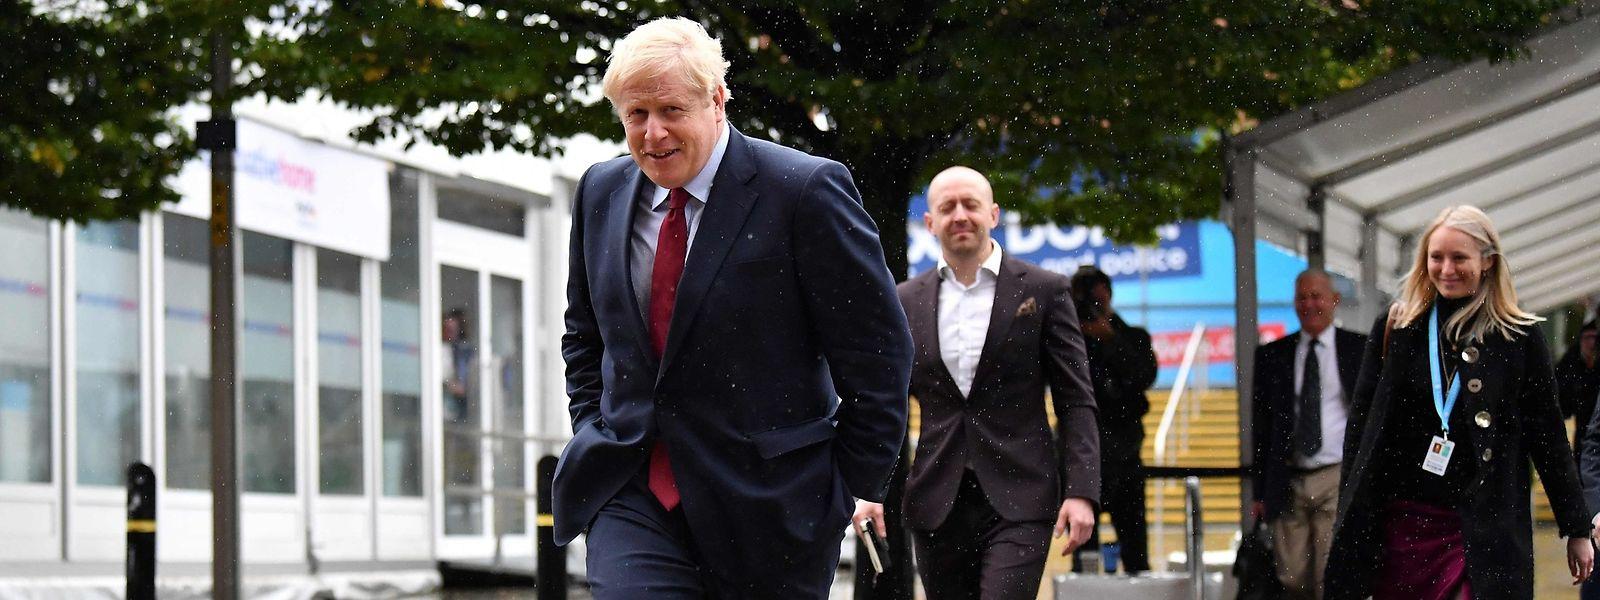 Boris Johnson meldet sich vor dem Parteitag der britischen Konservativen in Manchester in Interviews zu Wort.